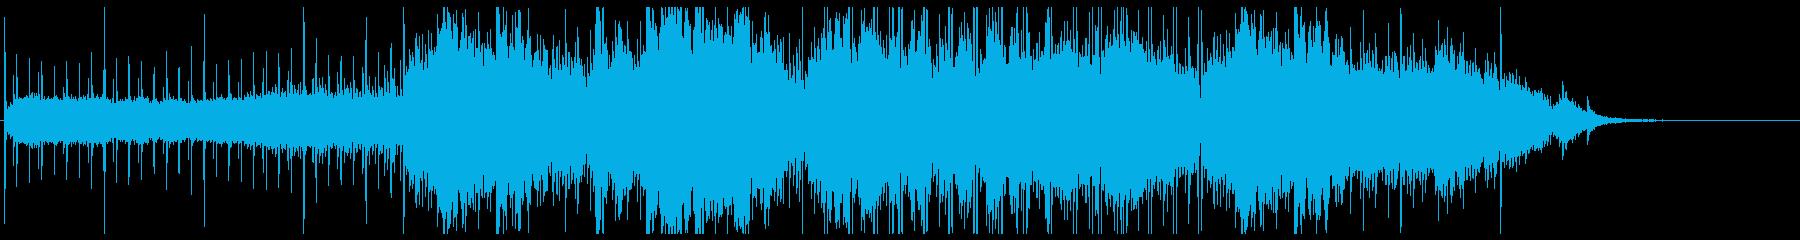 幻想的な物語の始まりのスローチルアウトの再生済みの波形